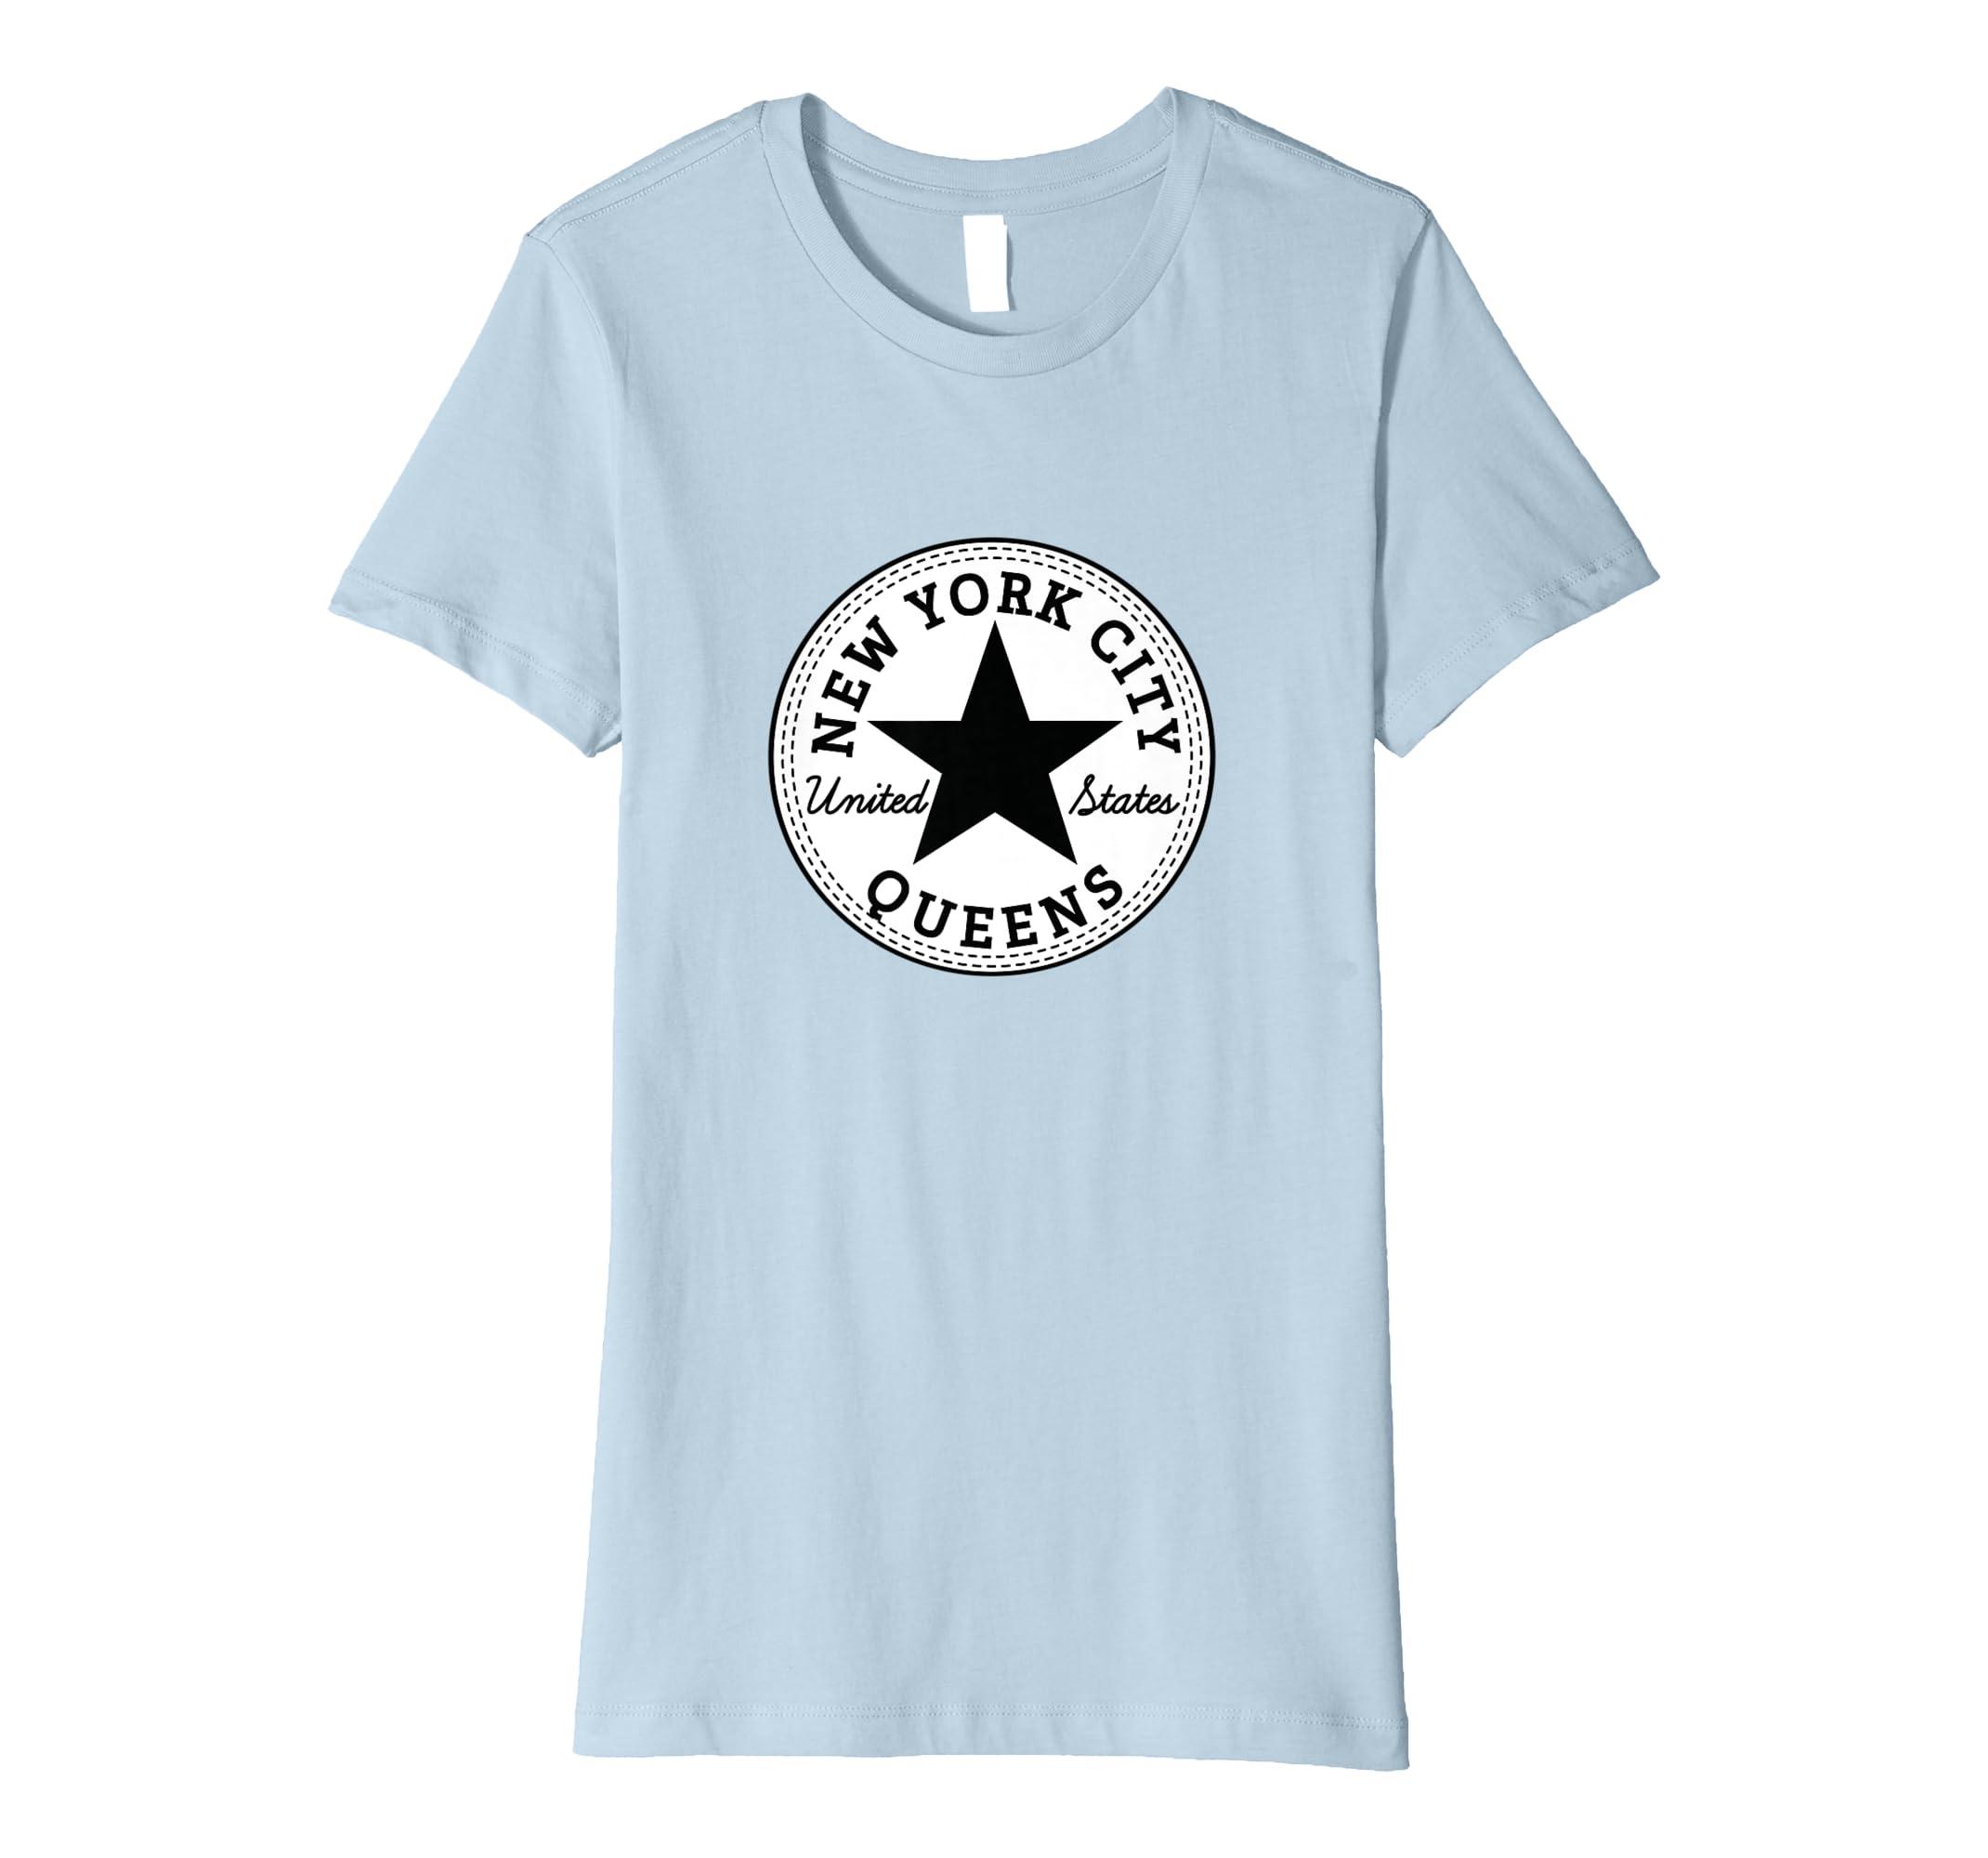 Amazon.com  New York City - Queens - NYC UNITED STATES USA T-Shirt  Clothing 189e21adb3b